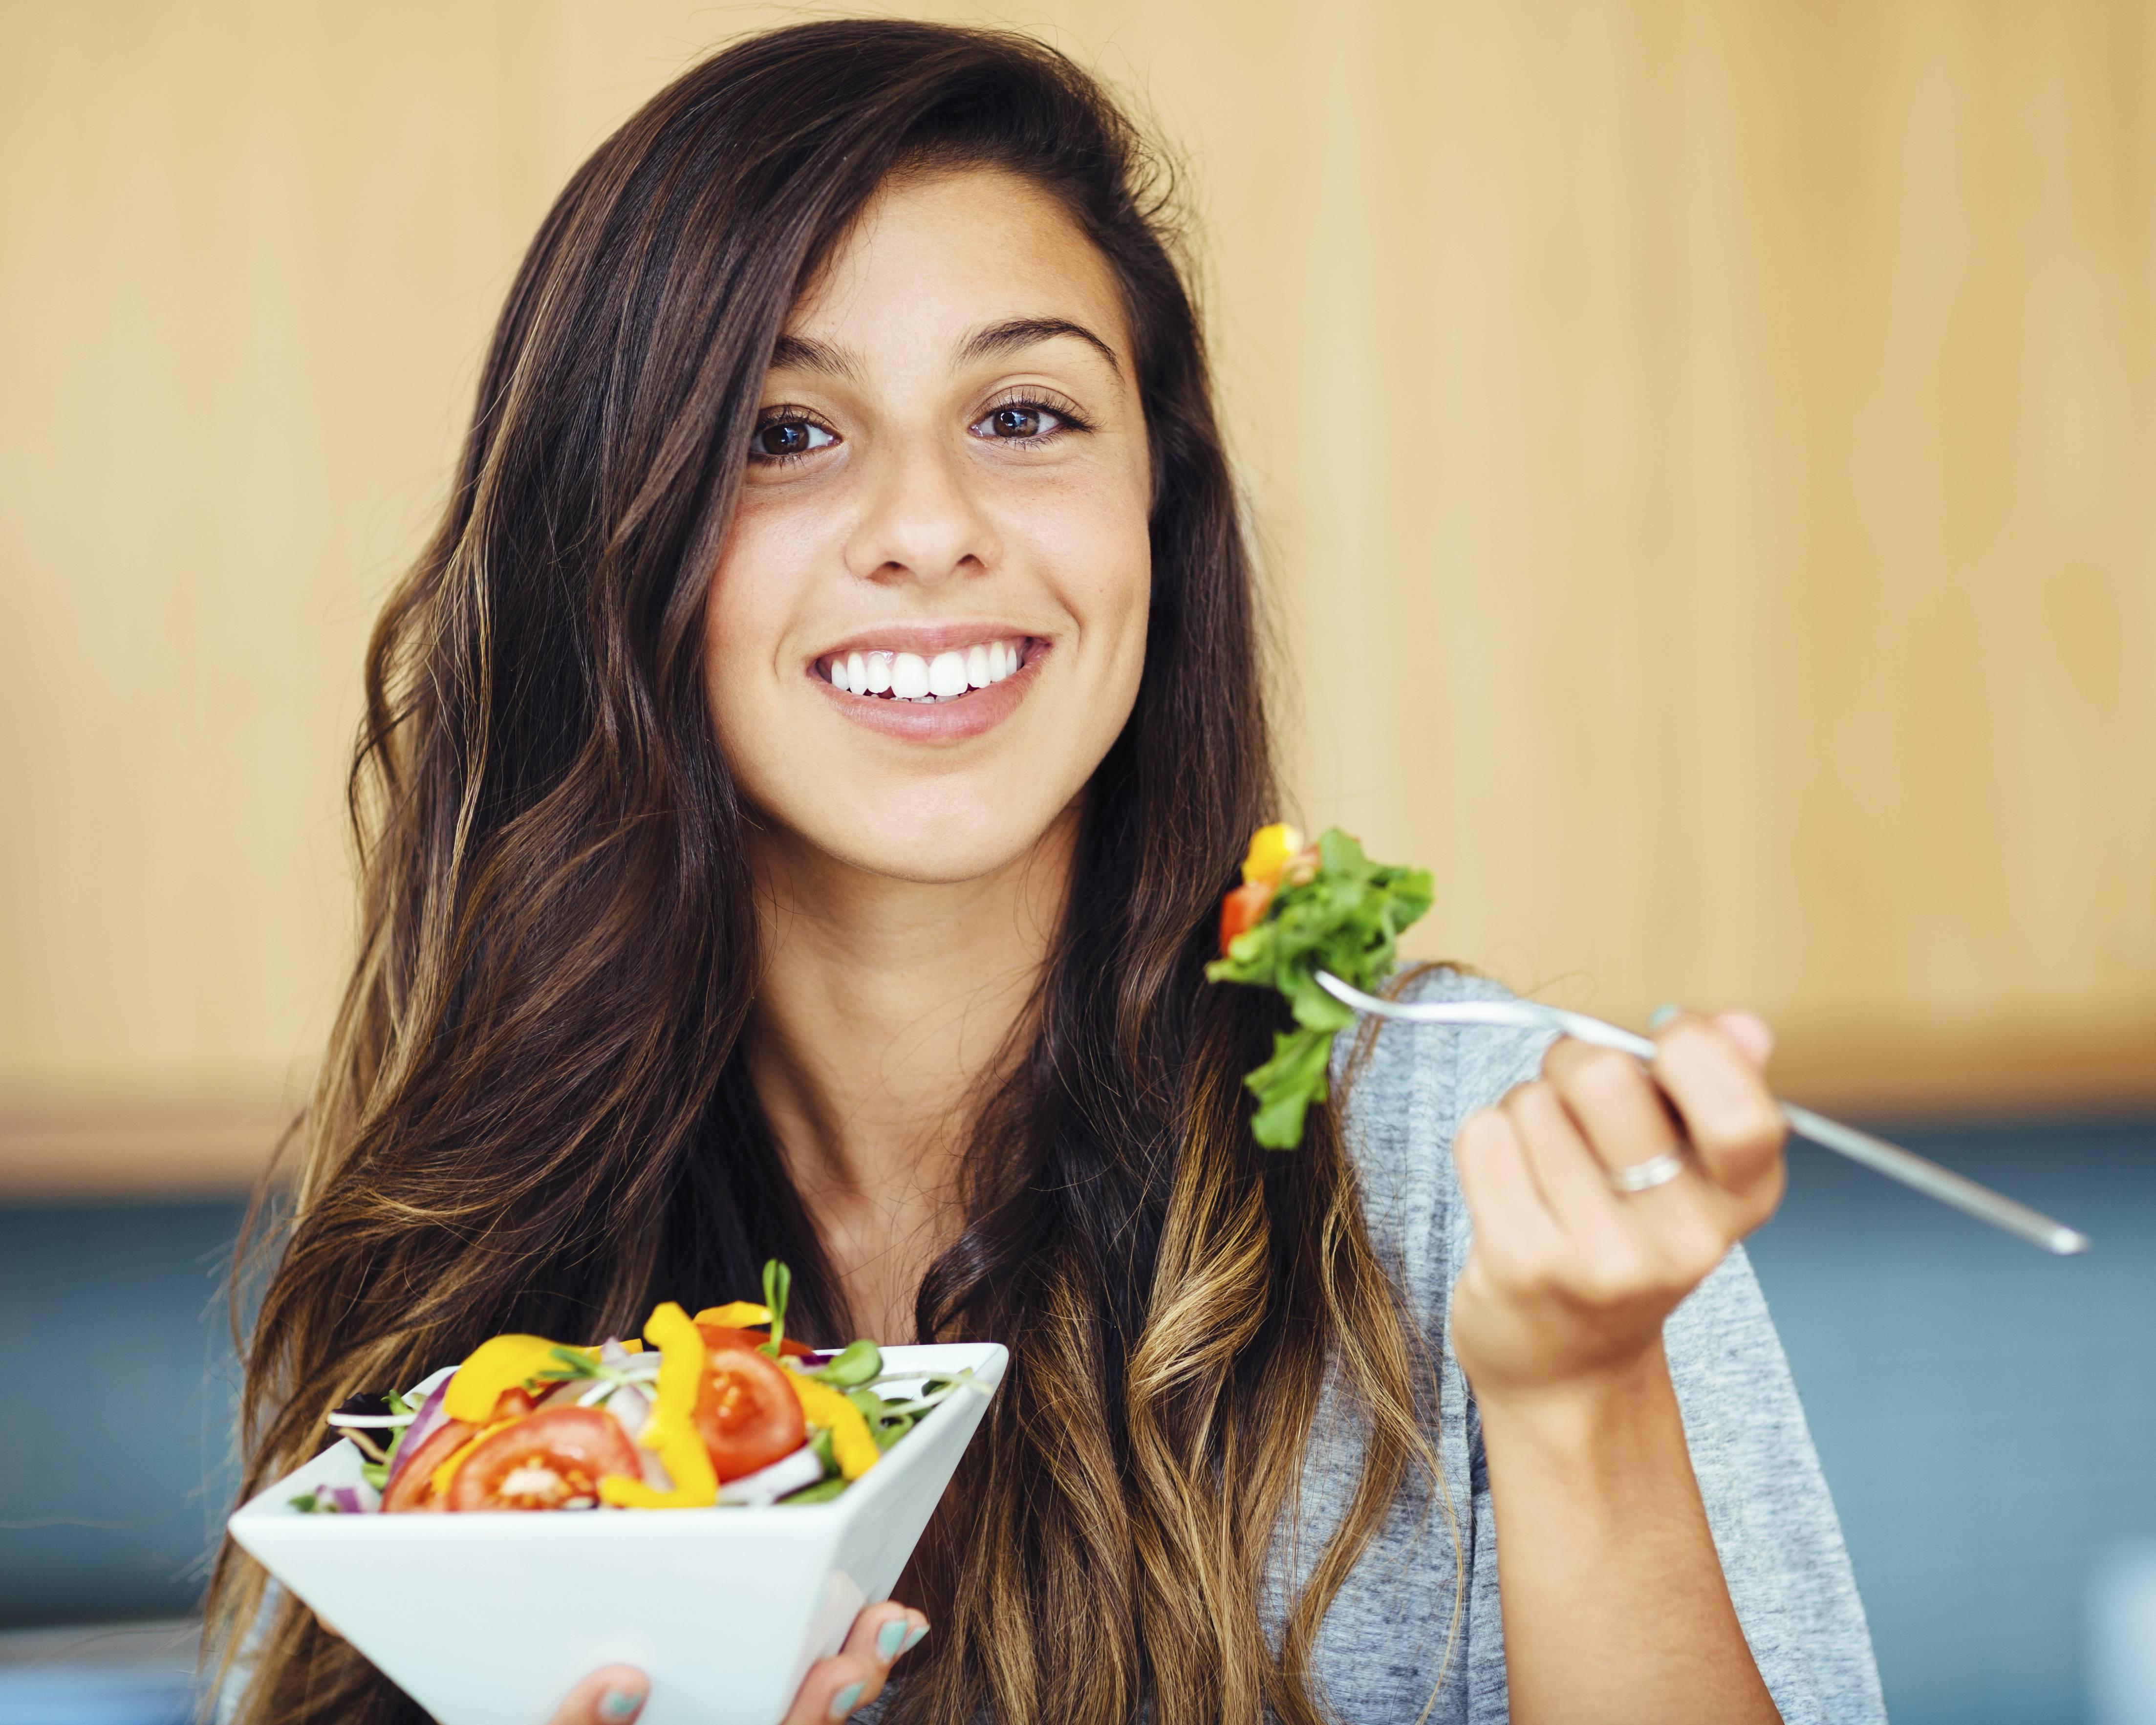 I 5 Errori Più Commessi Quando Si Comincia La Dieta